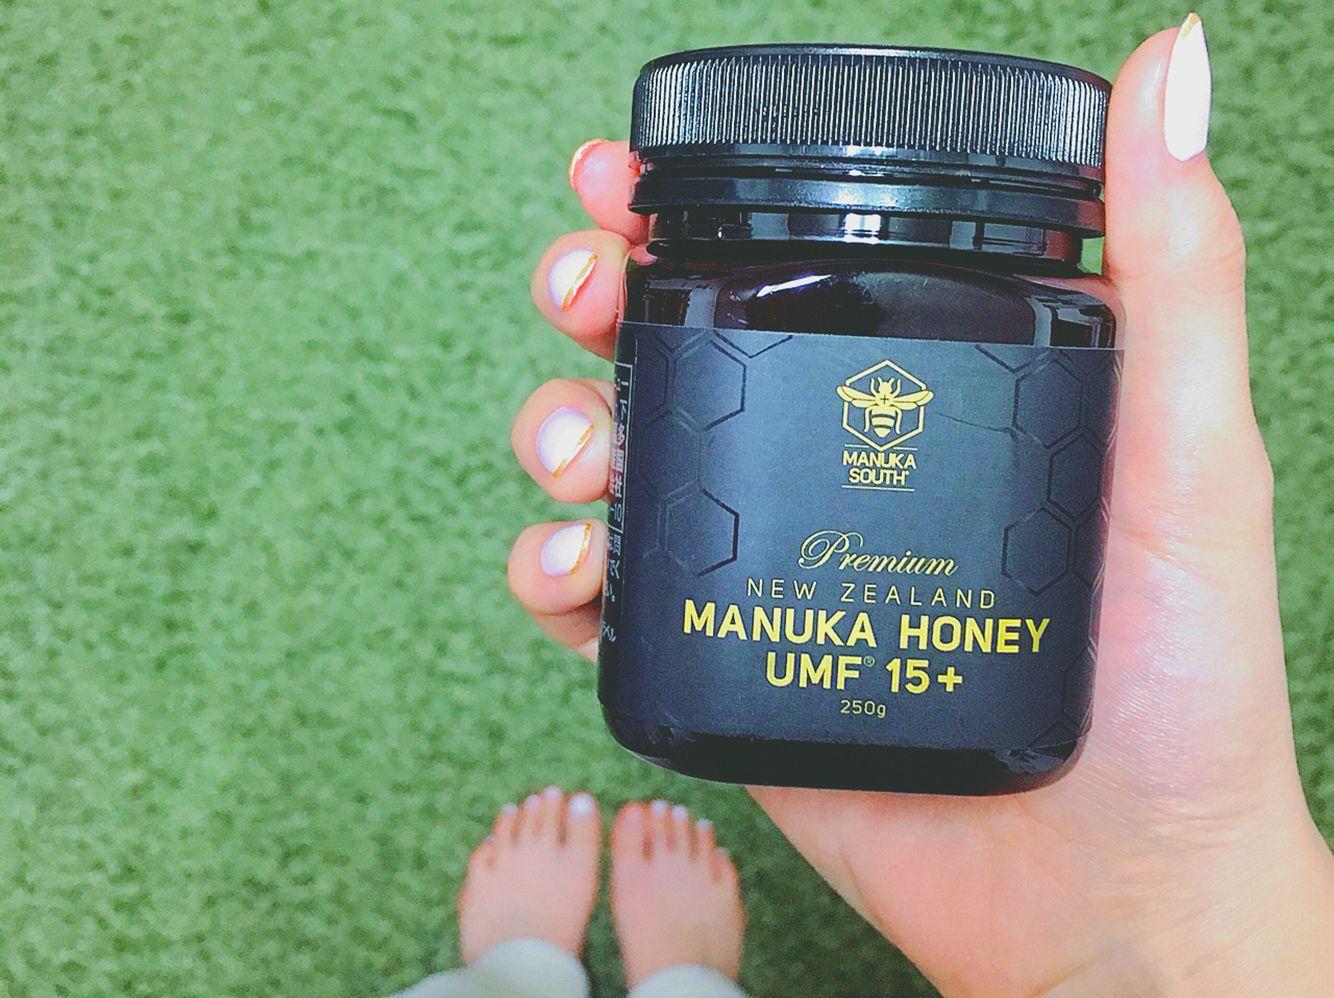 Manuka Honey. UMF 15+